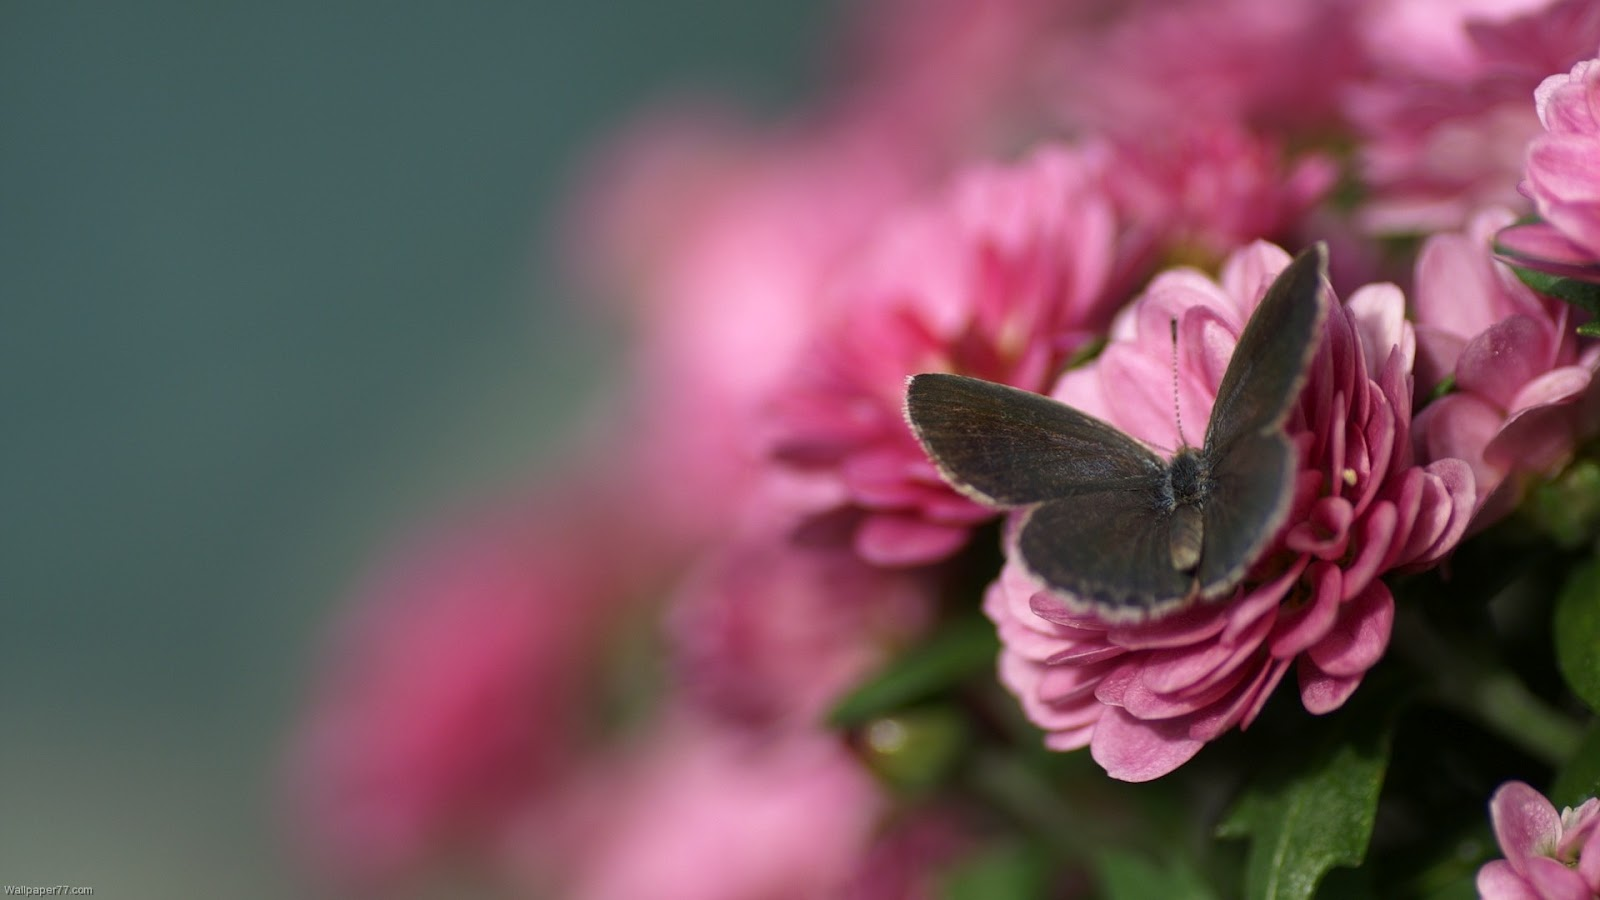 http://1.bp.blogspot.com/-ajrevWli6BU/T9GVRahilRI/AAAAAAAAD-M/7R6Cn8SUwU8/s1600/Bloom+Flower+Wallpaper+1.jpg